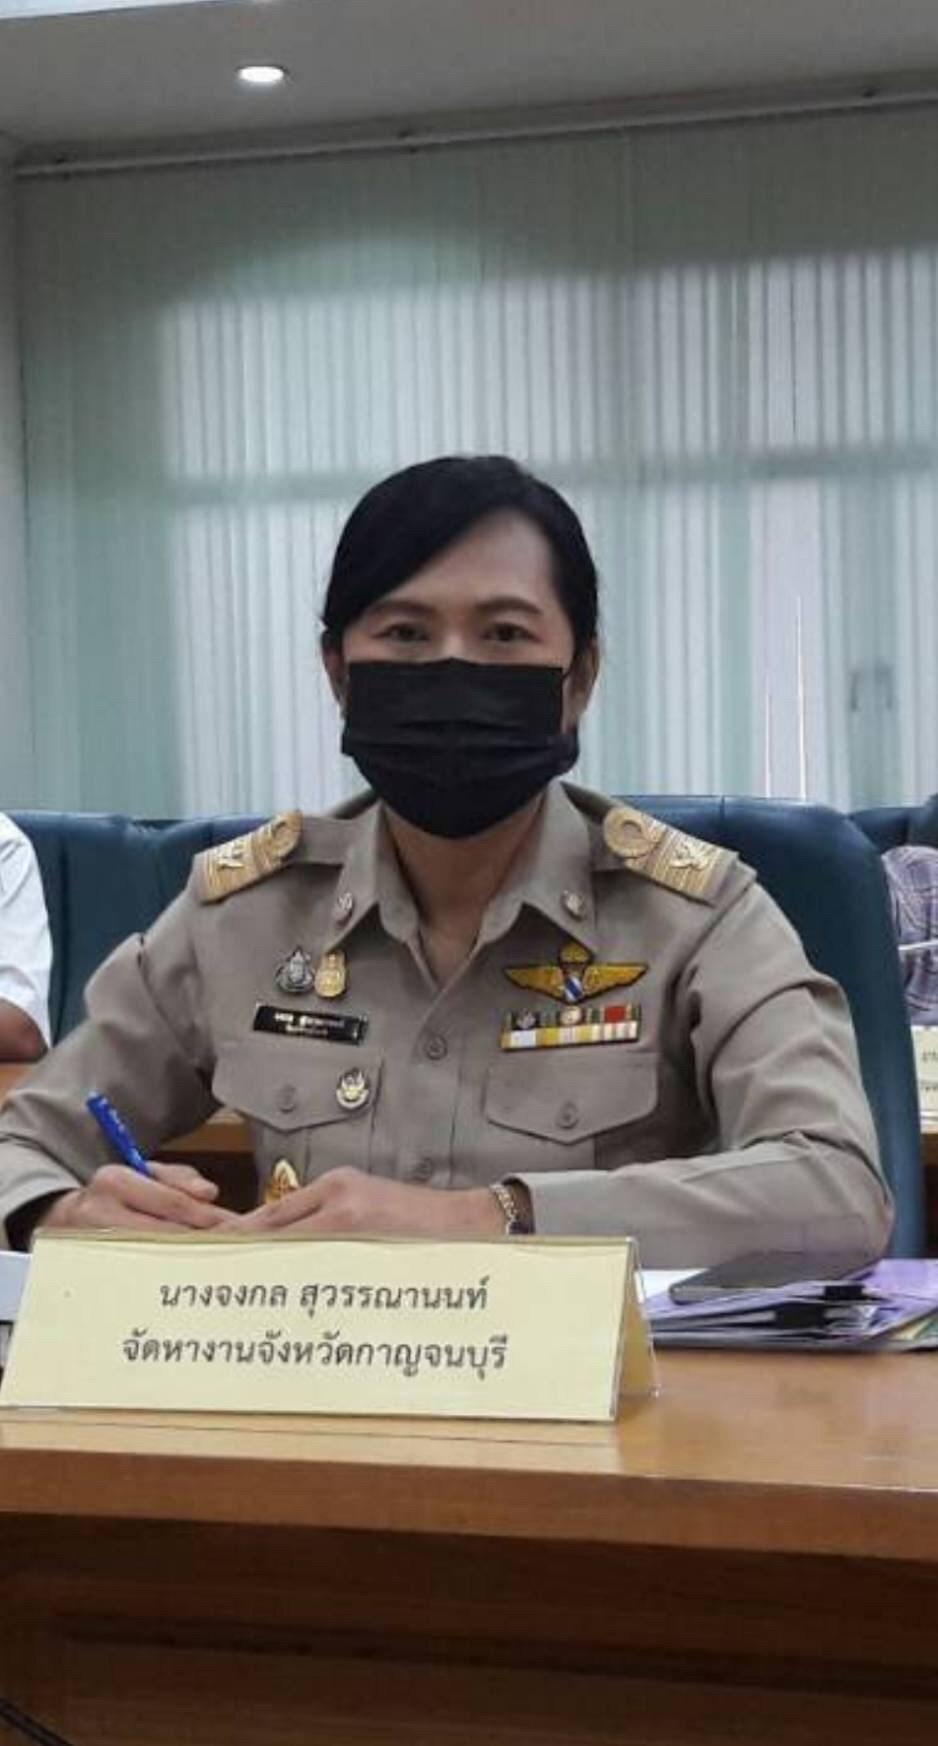 รองอธิบดีกรมการจัดหางาน ร่วมคณะตรวจเยี่ยมการปฏิบัติงานของฝ่ายความมั่นคงในพื้นที่ชายแดนไทย-เมียนมา